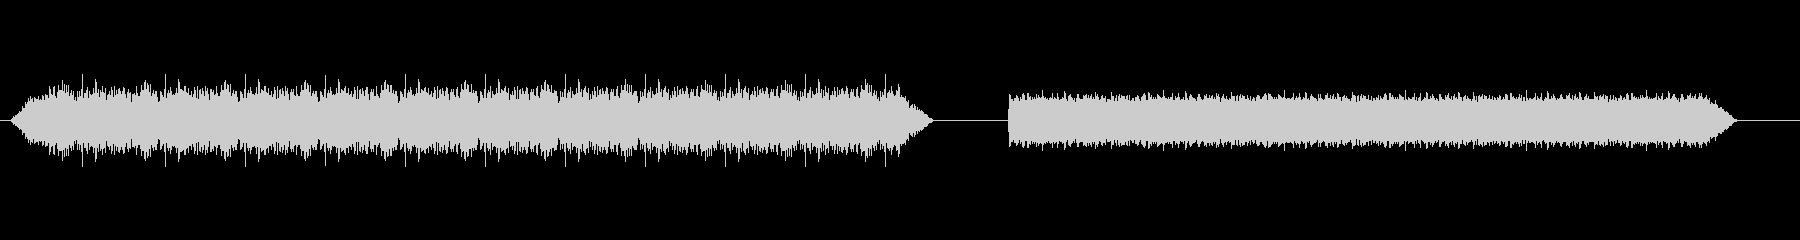 スキャナー2の未再生の波形